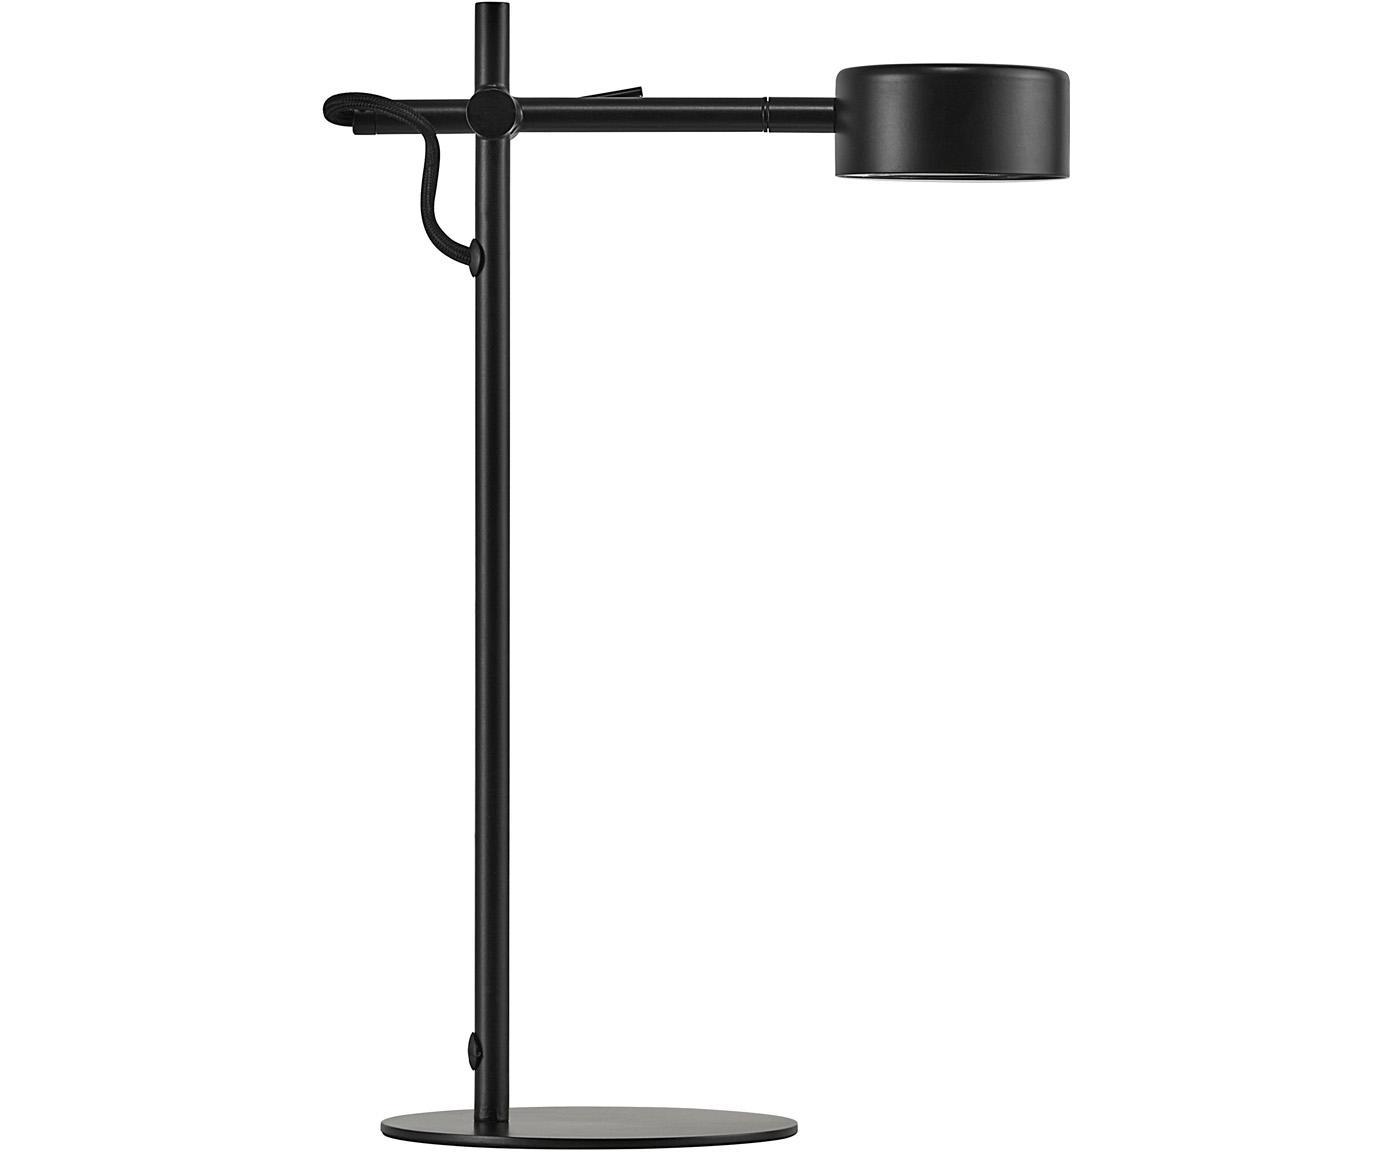 LED Schreibtischlampe Clyde, Schwarz, 15 x 41 cm